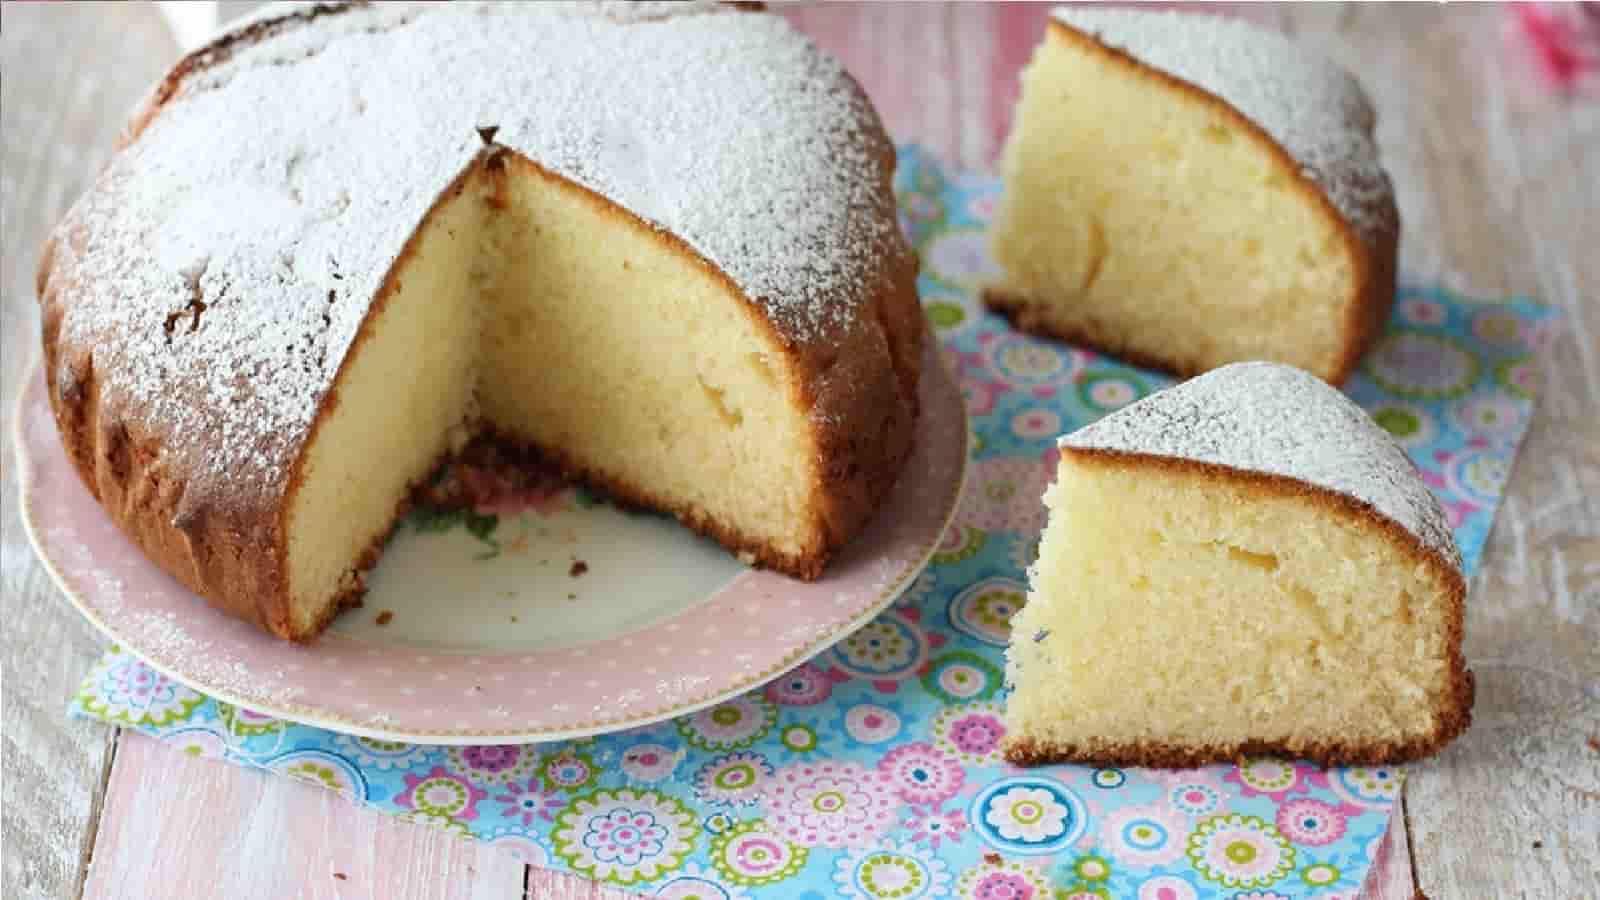 Gâteau au citron 5 minutes